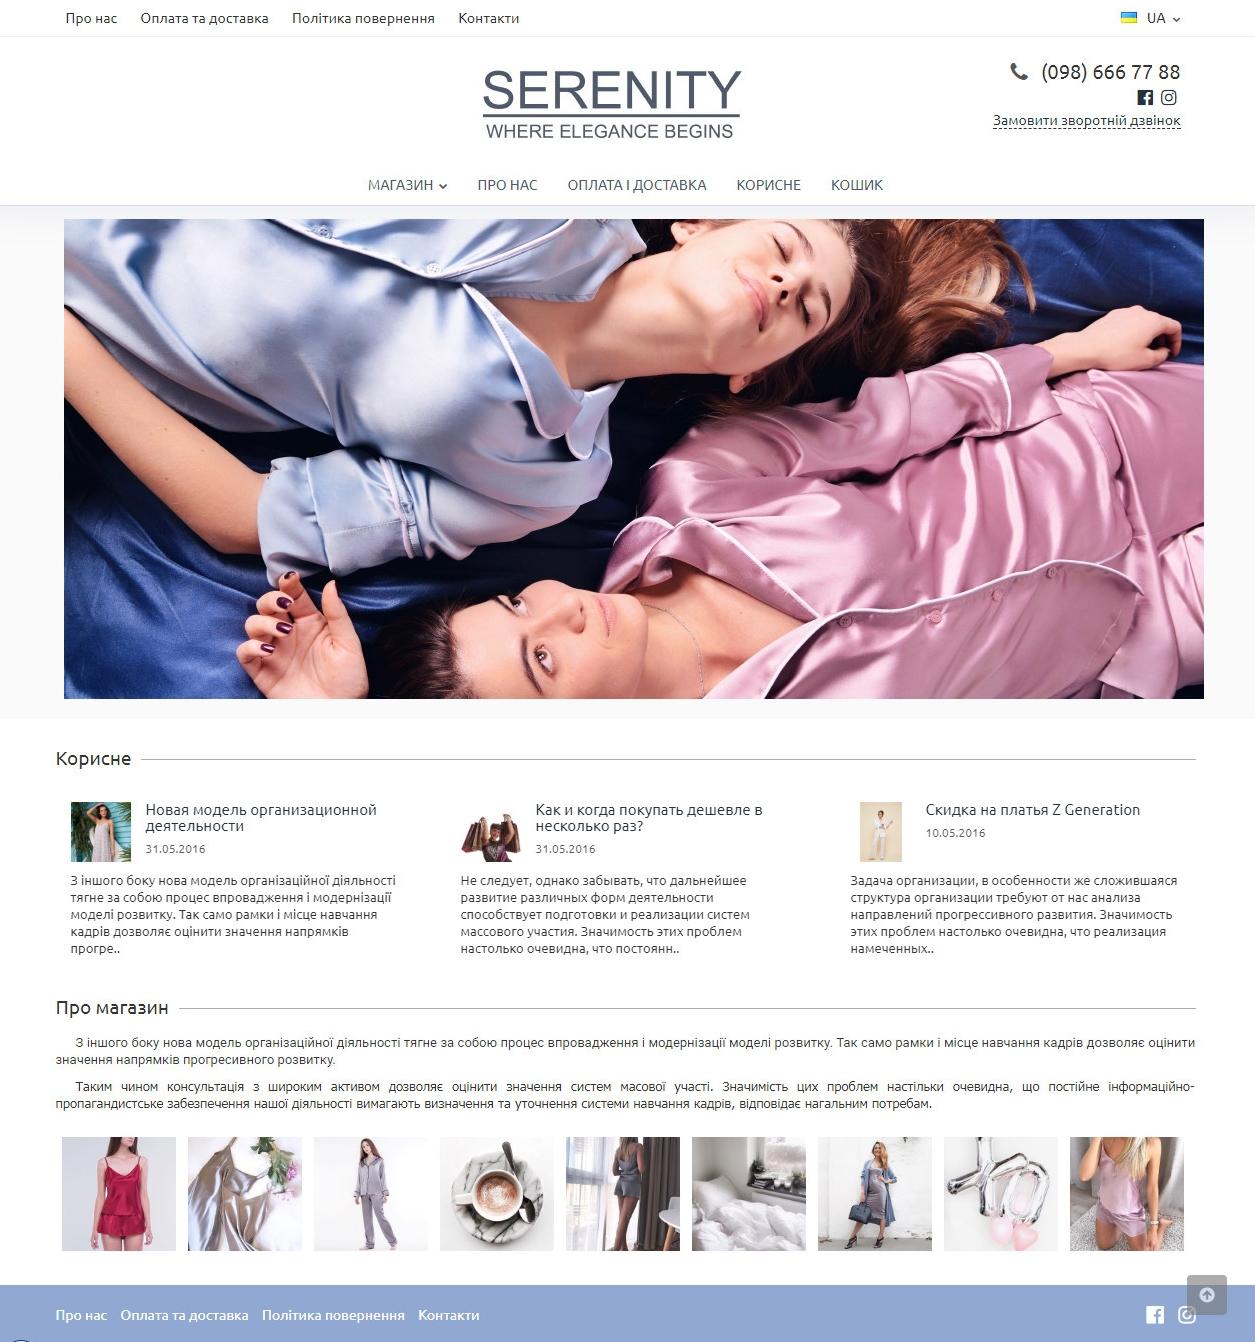 Фото Разработка дизайна для каталога женского белья. Разработка каталога с нуля и до запуска.